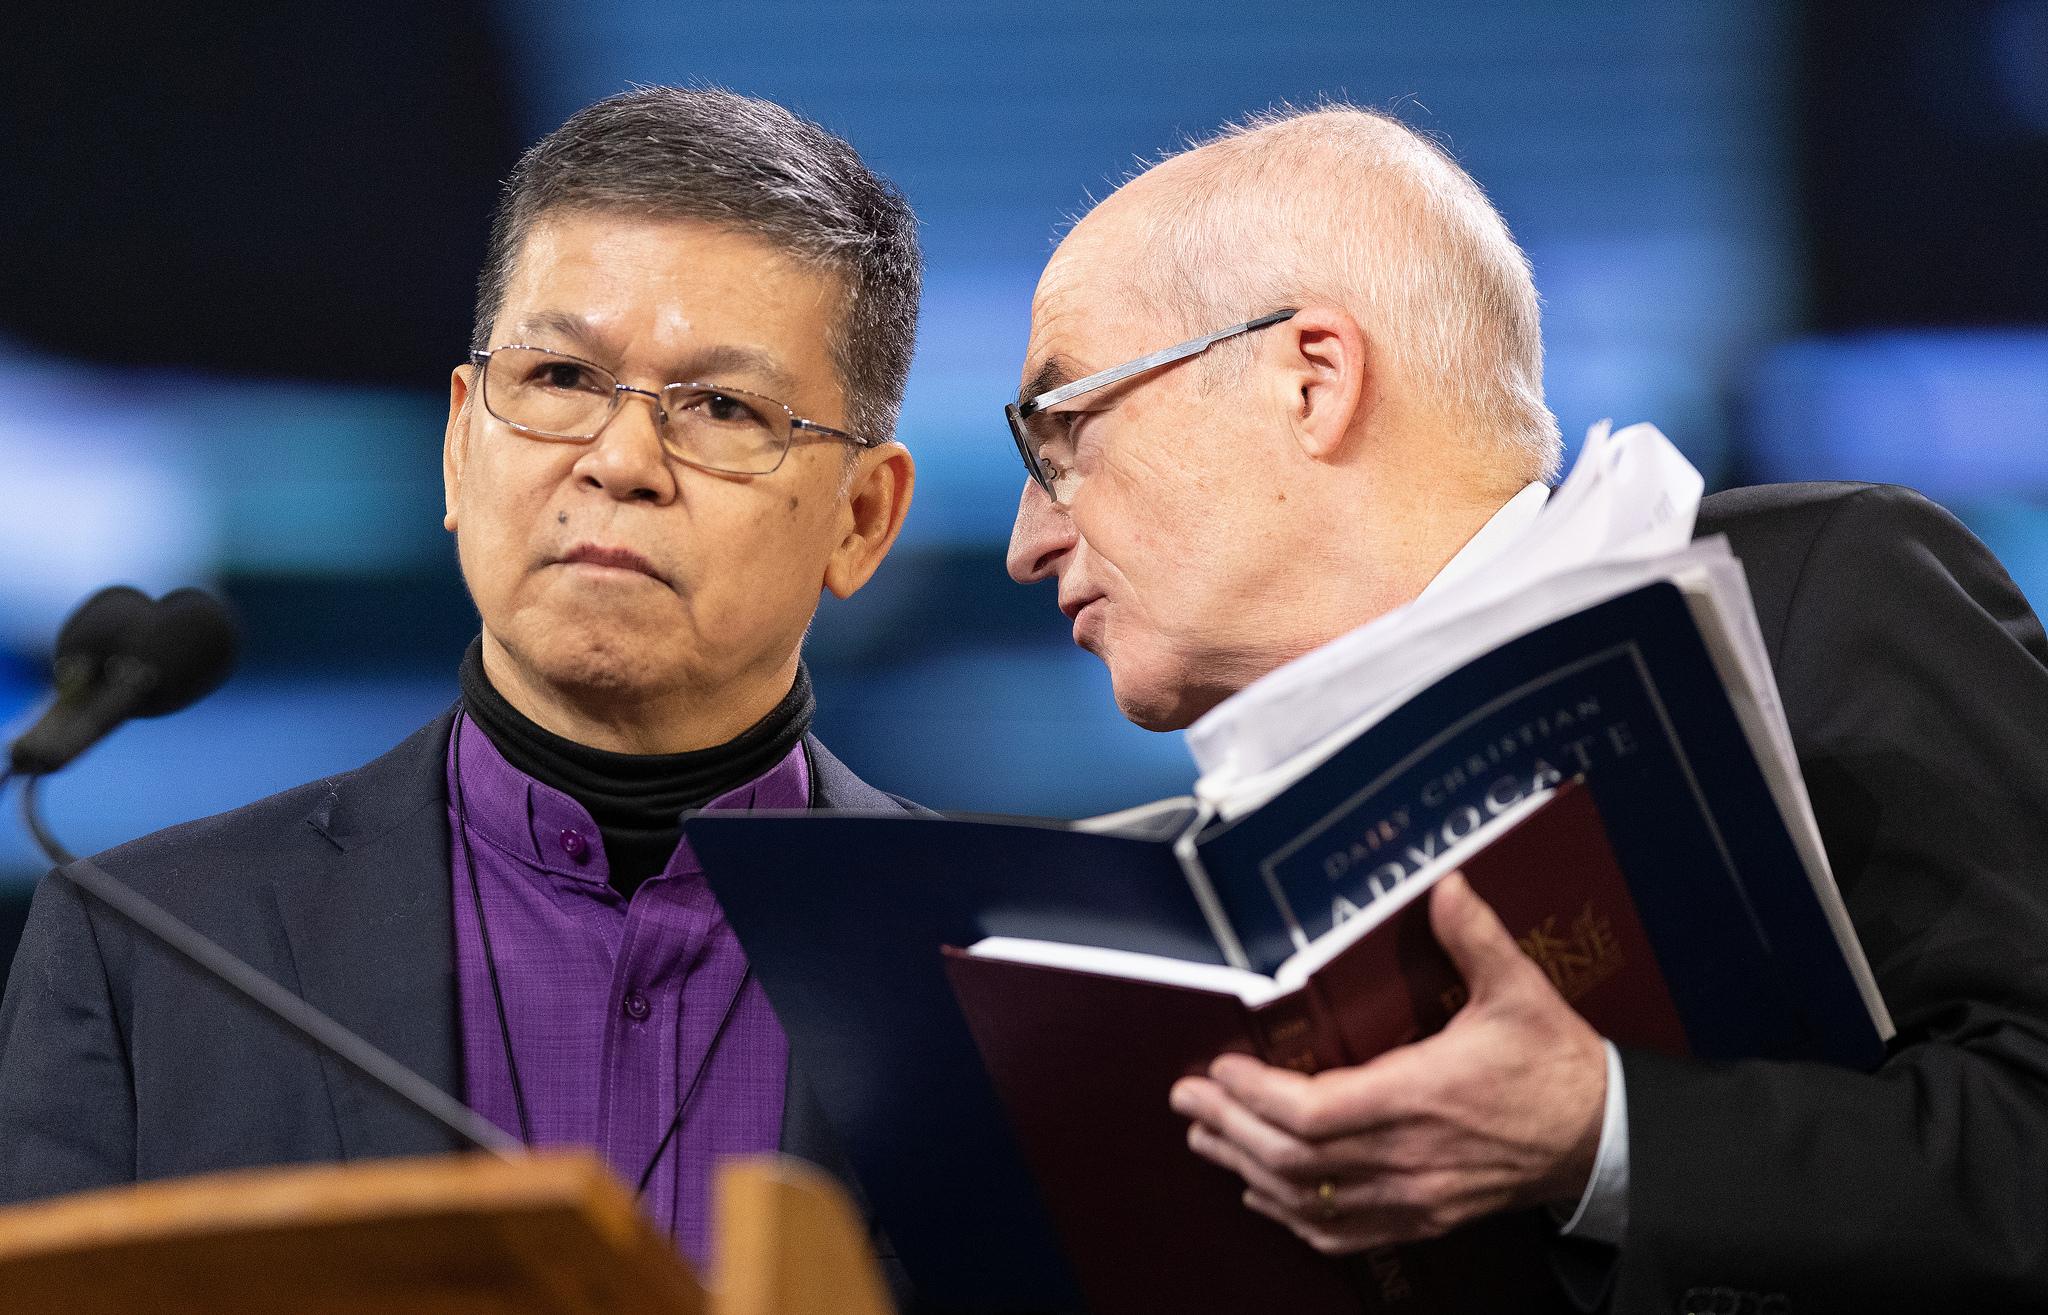 Os Bispos Ciriaco Q. Francisco (à esquerda) e Patrick Streiff conferenciam-se no pódio durante a Conferência Geral da Metodista Unida de 2019 em St. Louis. Ambos servem na Comissão Permanente para os Assuntos das Conferências Centrais. Foto de Mike DuBose, UMNS.